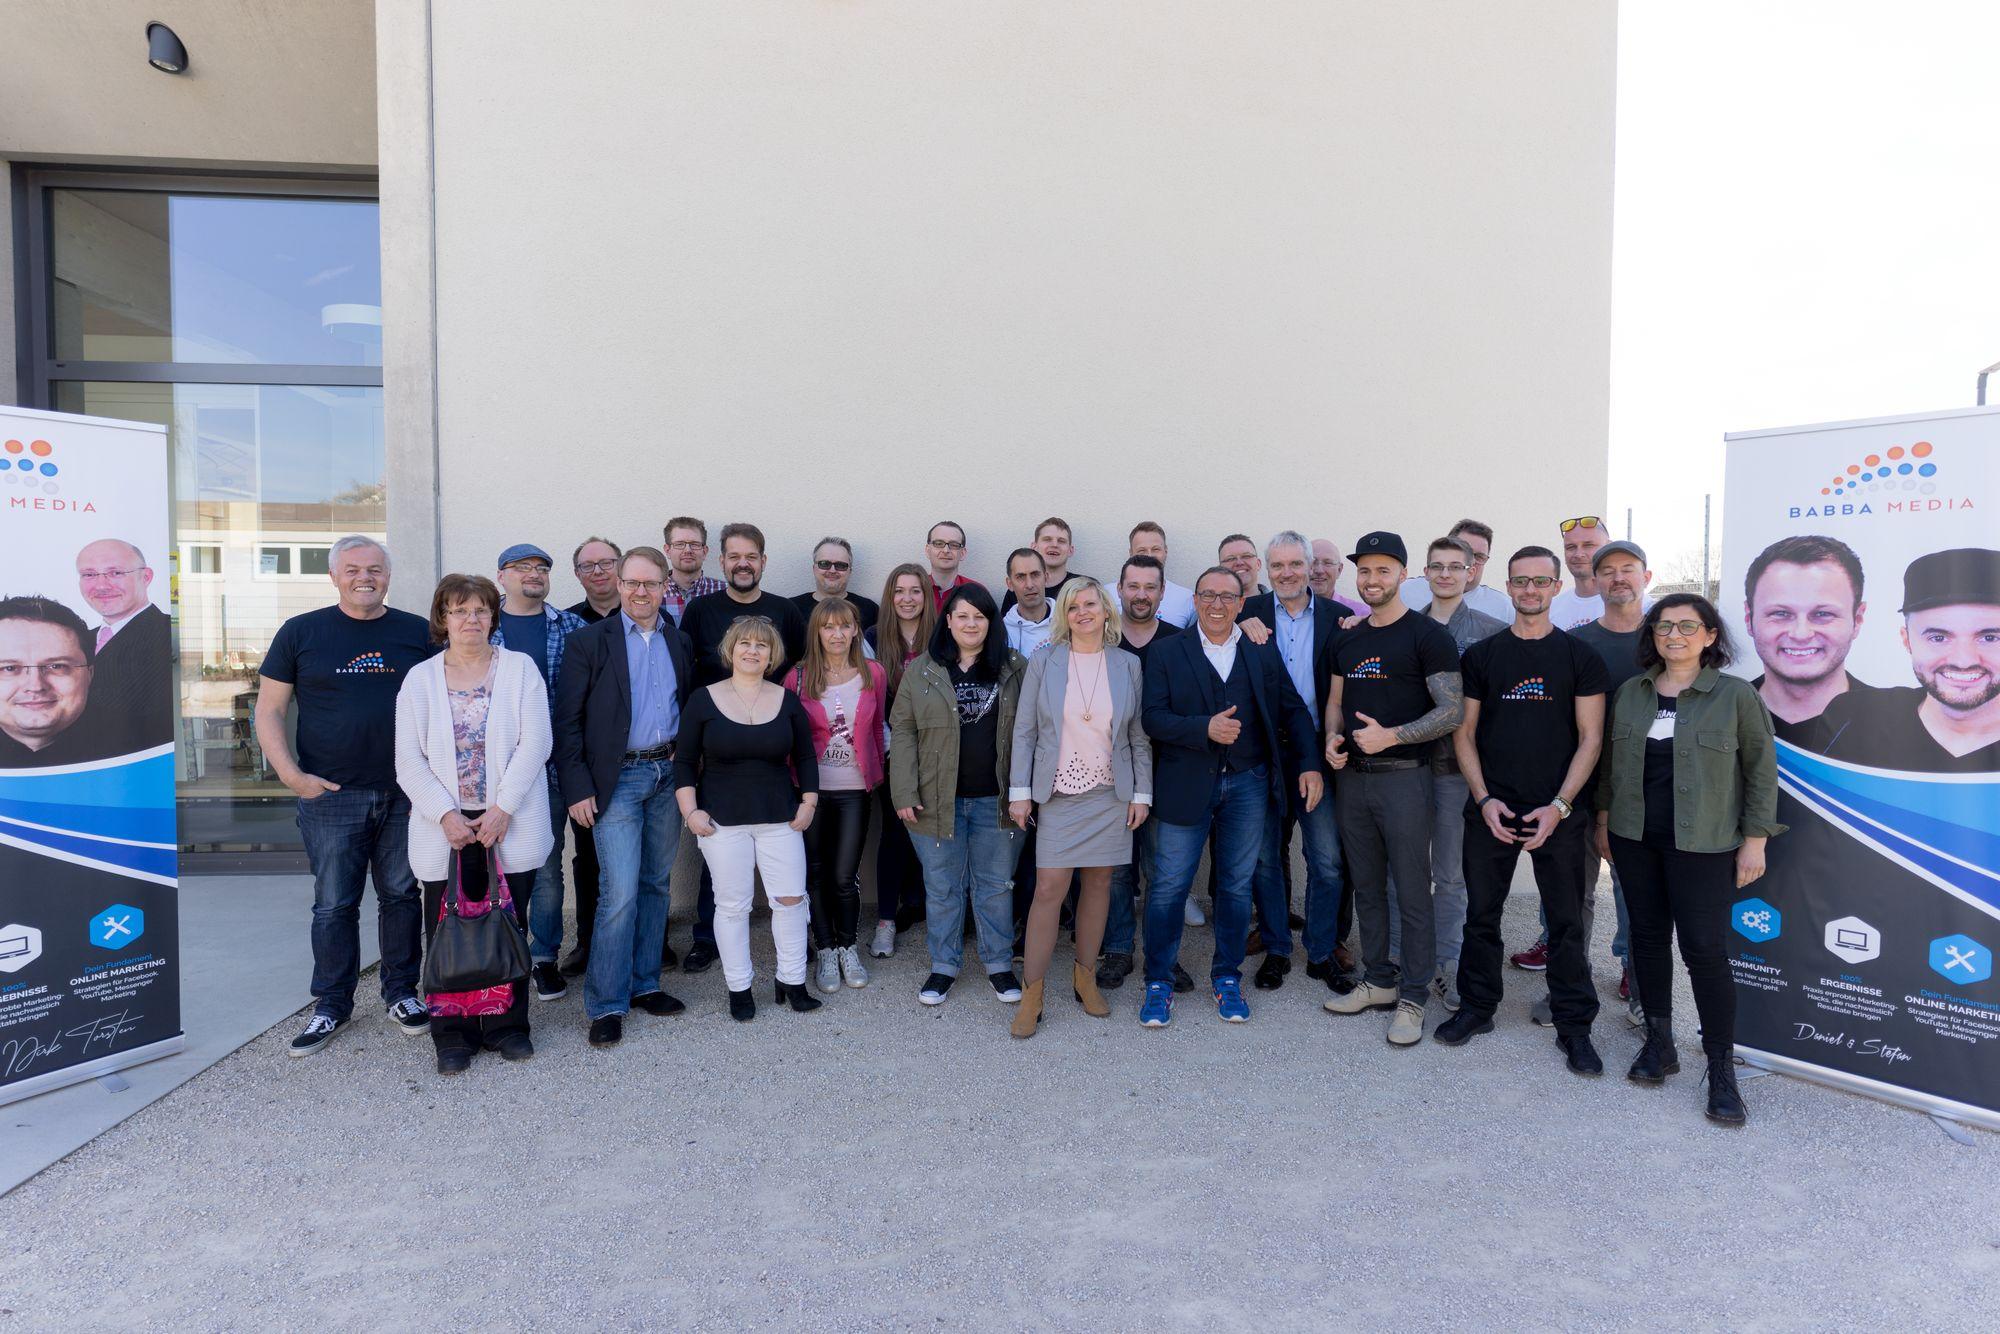 Gruppenbild der Teilnehmer und Sprecher auf dem Babba Business Day 2019 in Großostheim